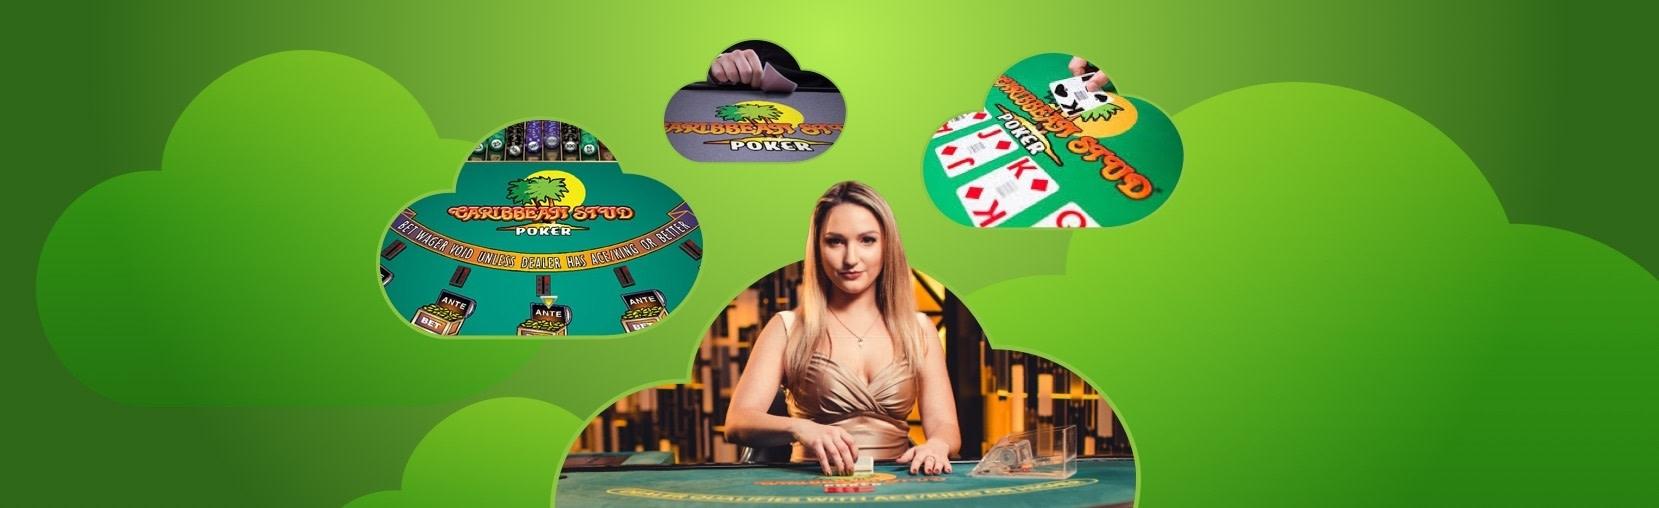 Как выиграть в Карибский Стад Покер